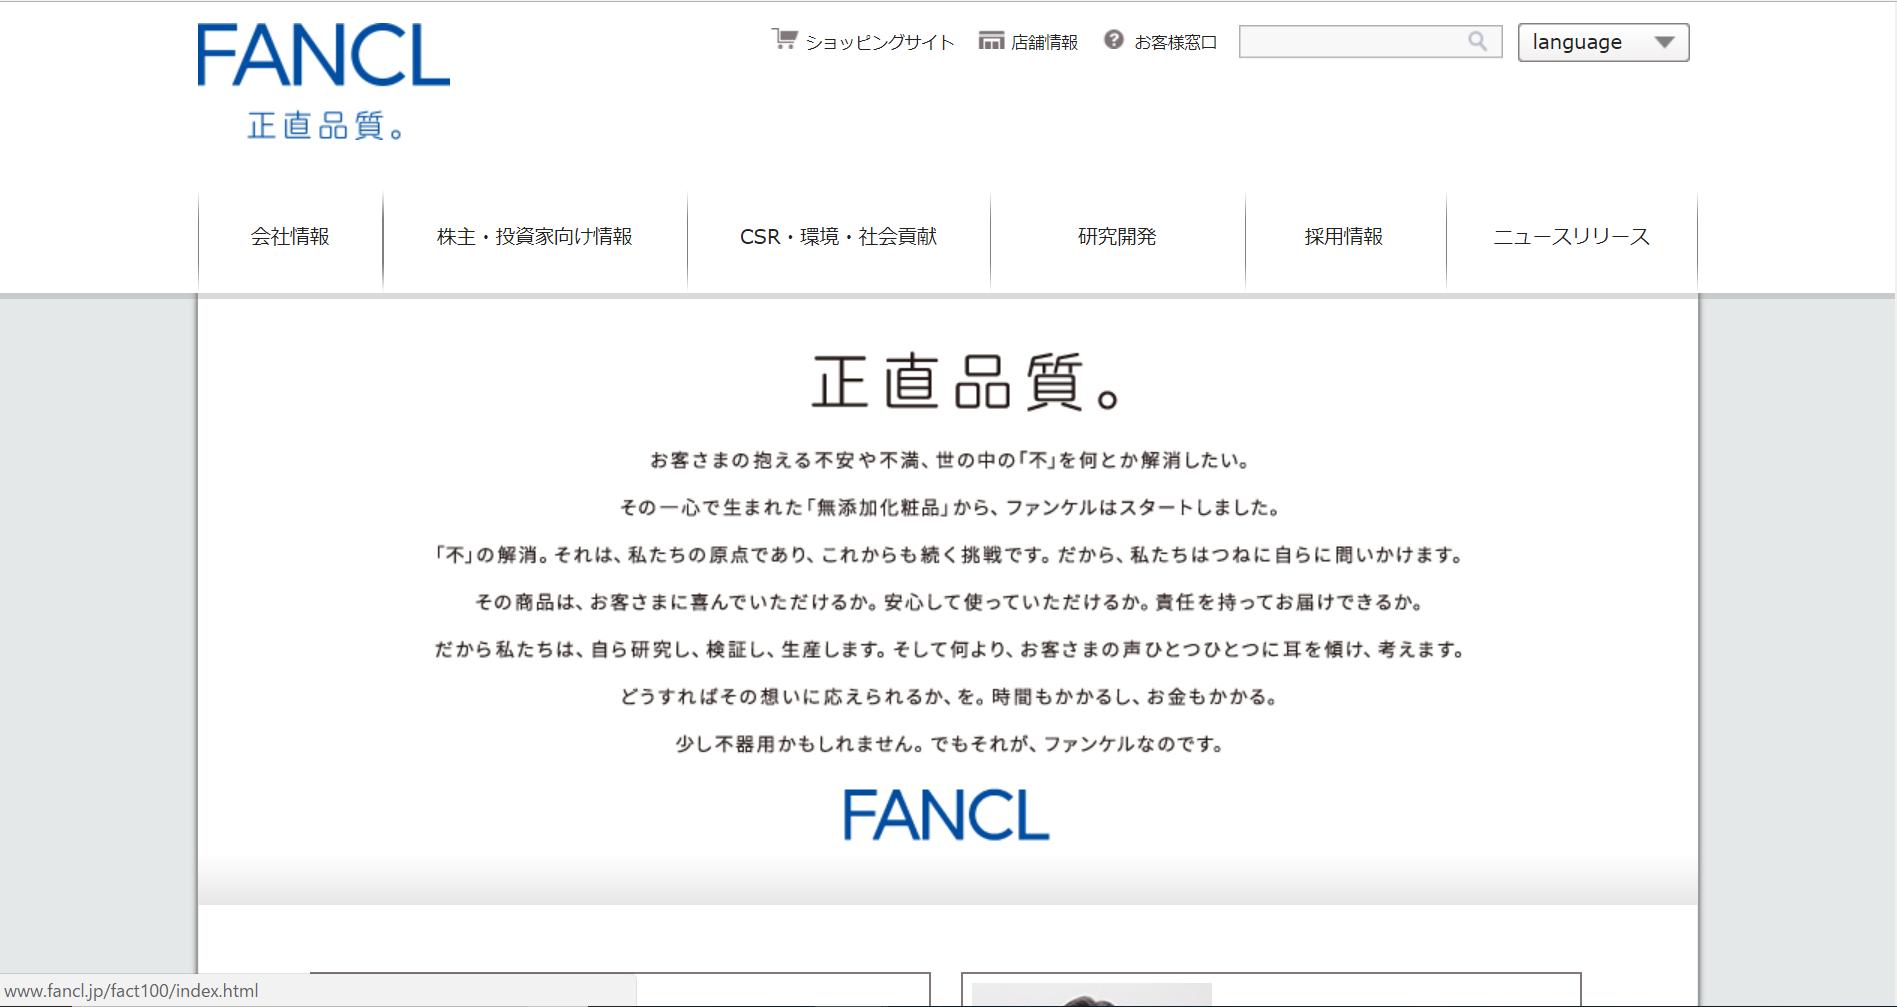 ファンケルの評判・口コミ